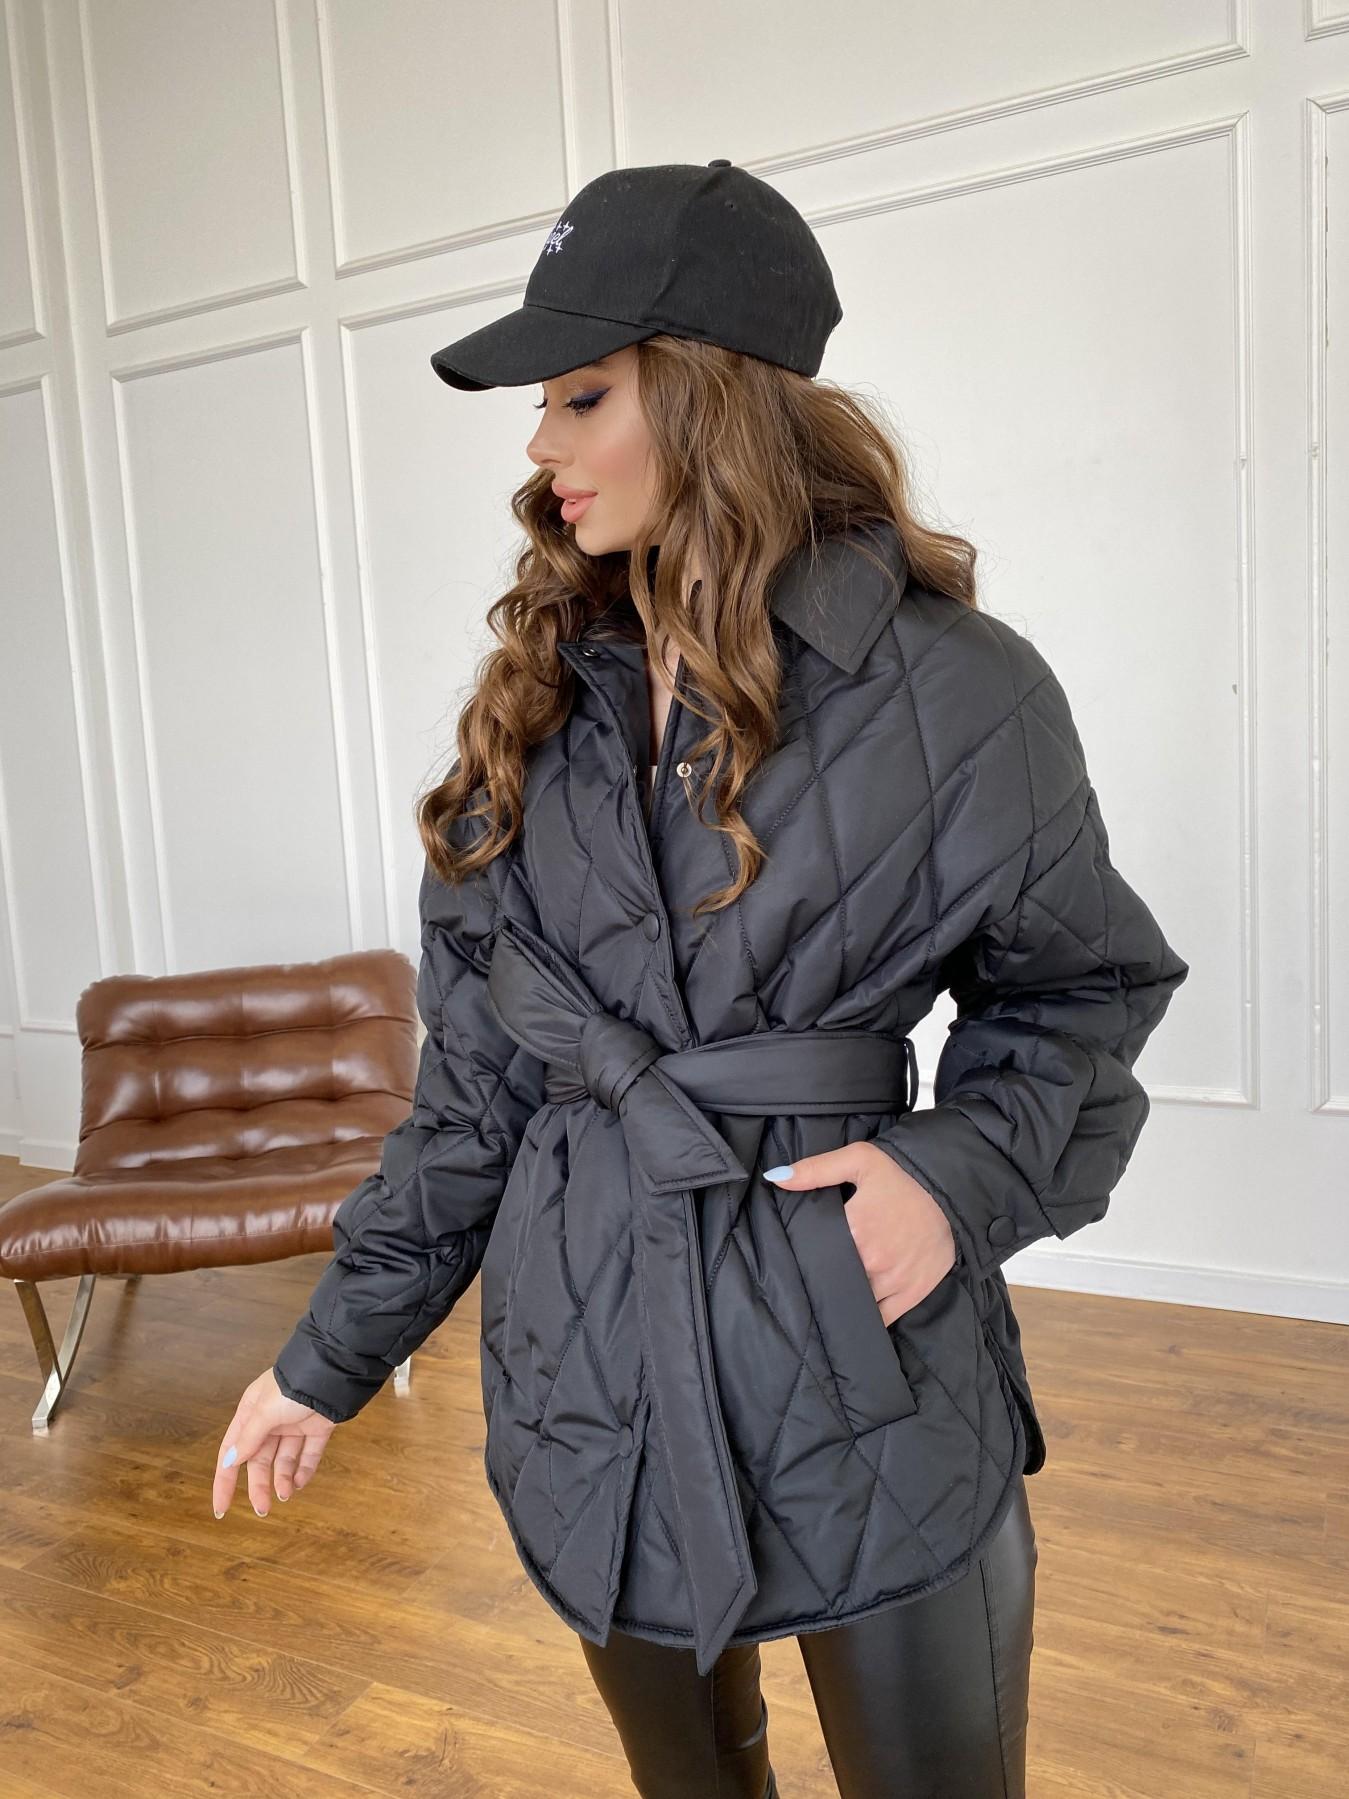 Моно куртка из плащевой ткани Ammy 10972 АРТ. 47618 Цвет: Черный - фото 9, интернет магазин tm-modus.ru